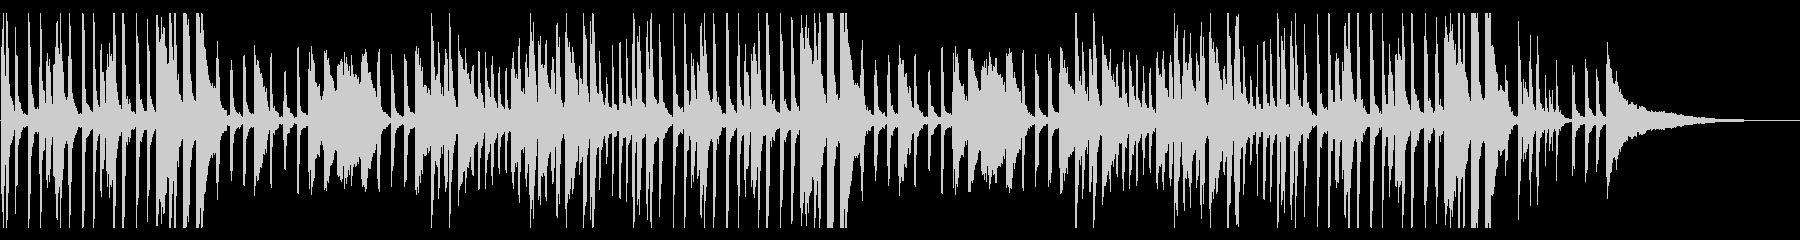 アンニュイ・アドリブ風・ジャズ・ピアノの未再生の波形